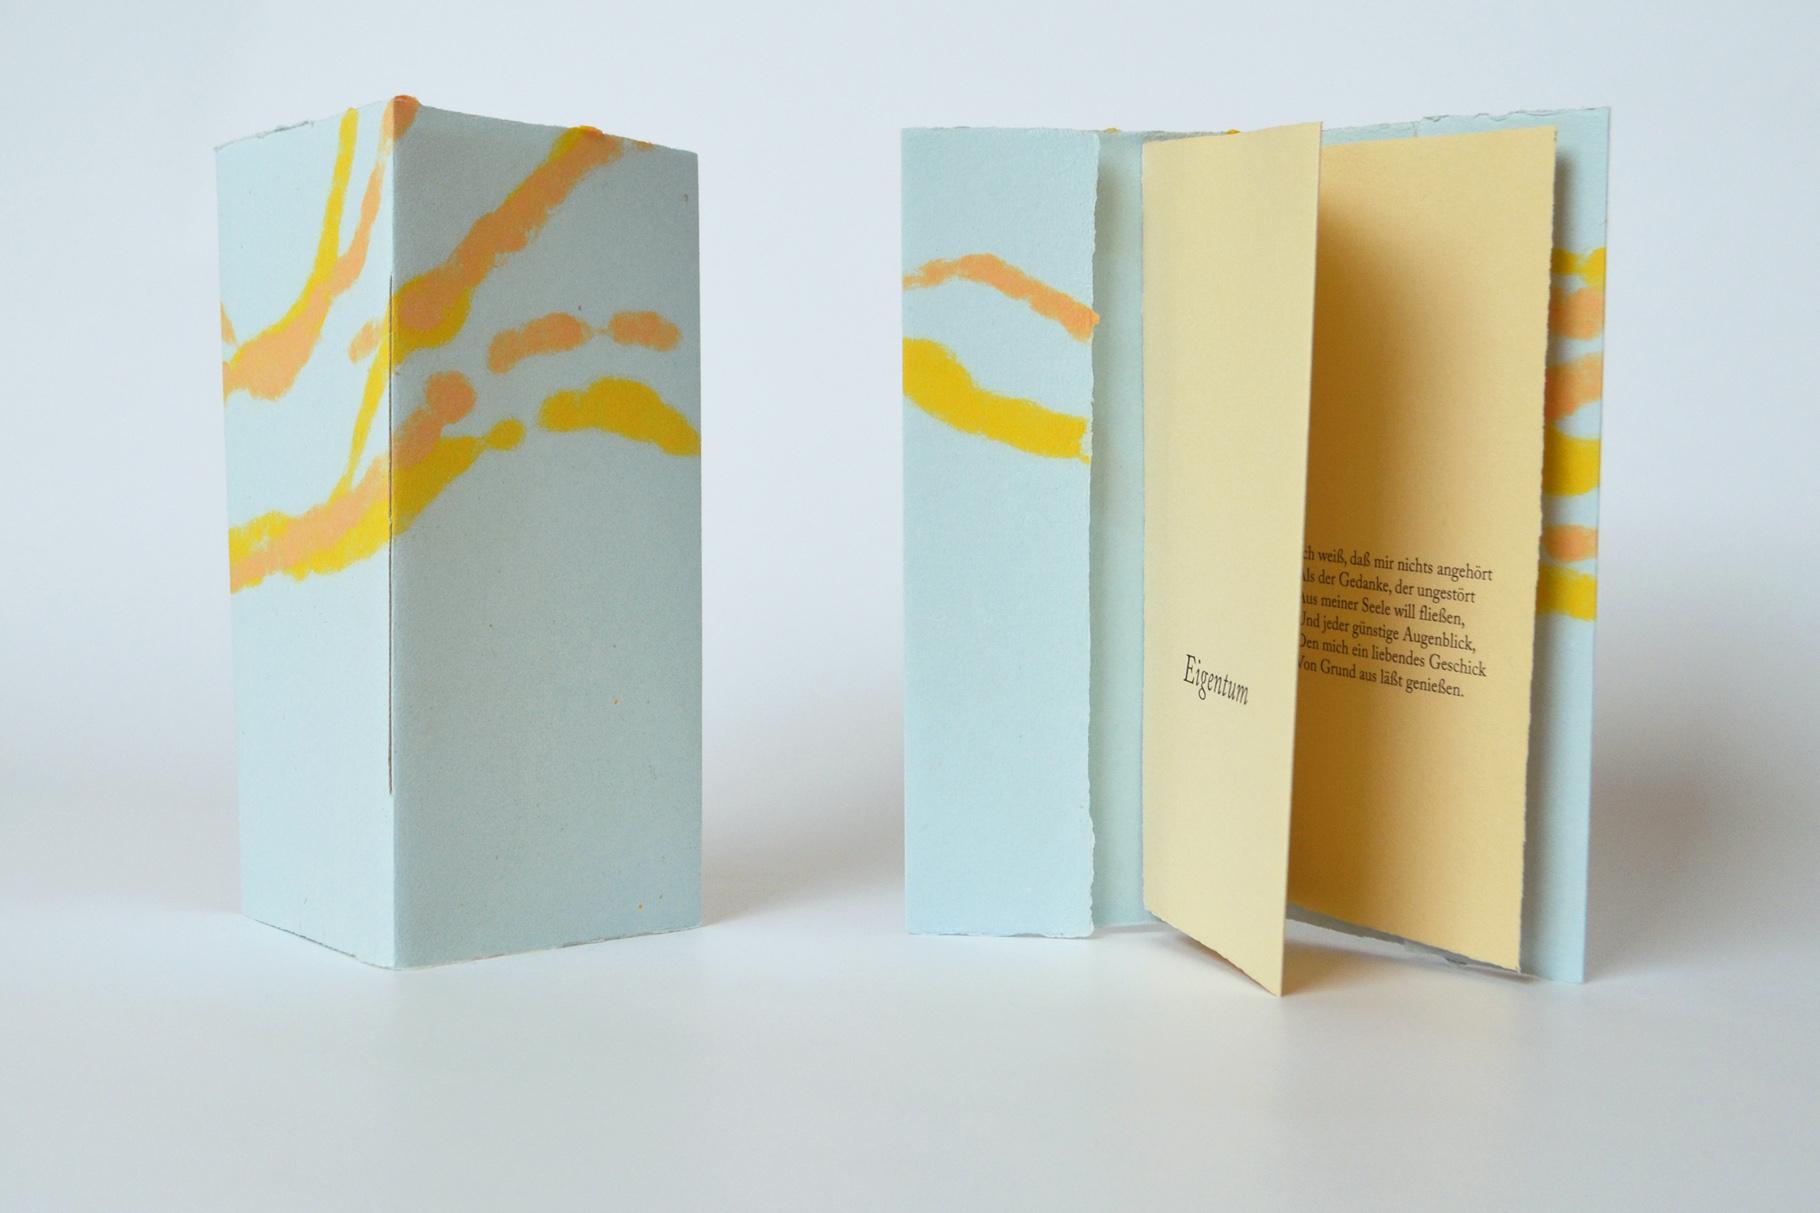 """""""Eigentum"""" (2016) - Ein Heft, gestaltet von John Gerard mit einem Gedicht von Johann Wolfgang von Goethe"""